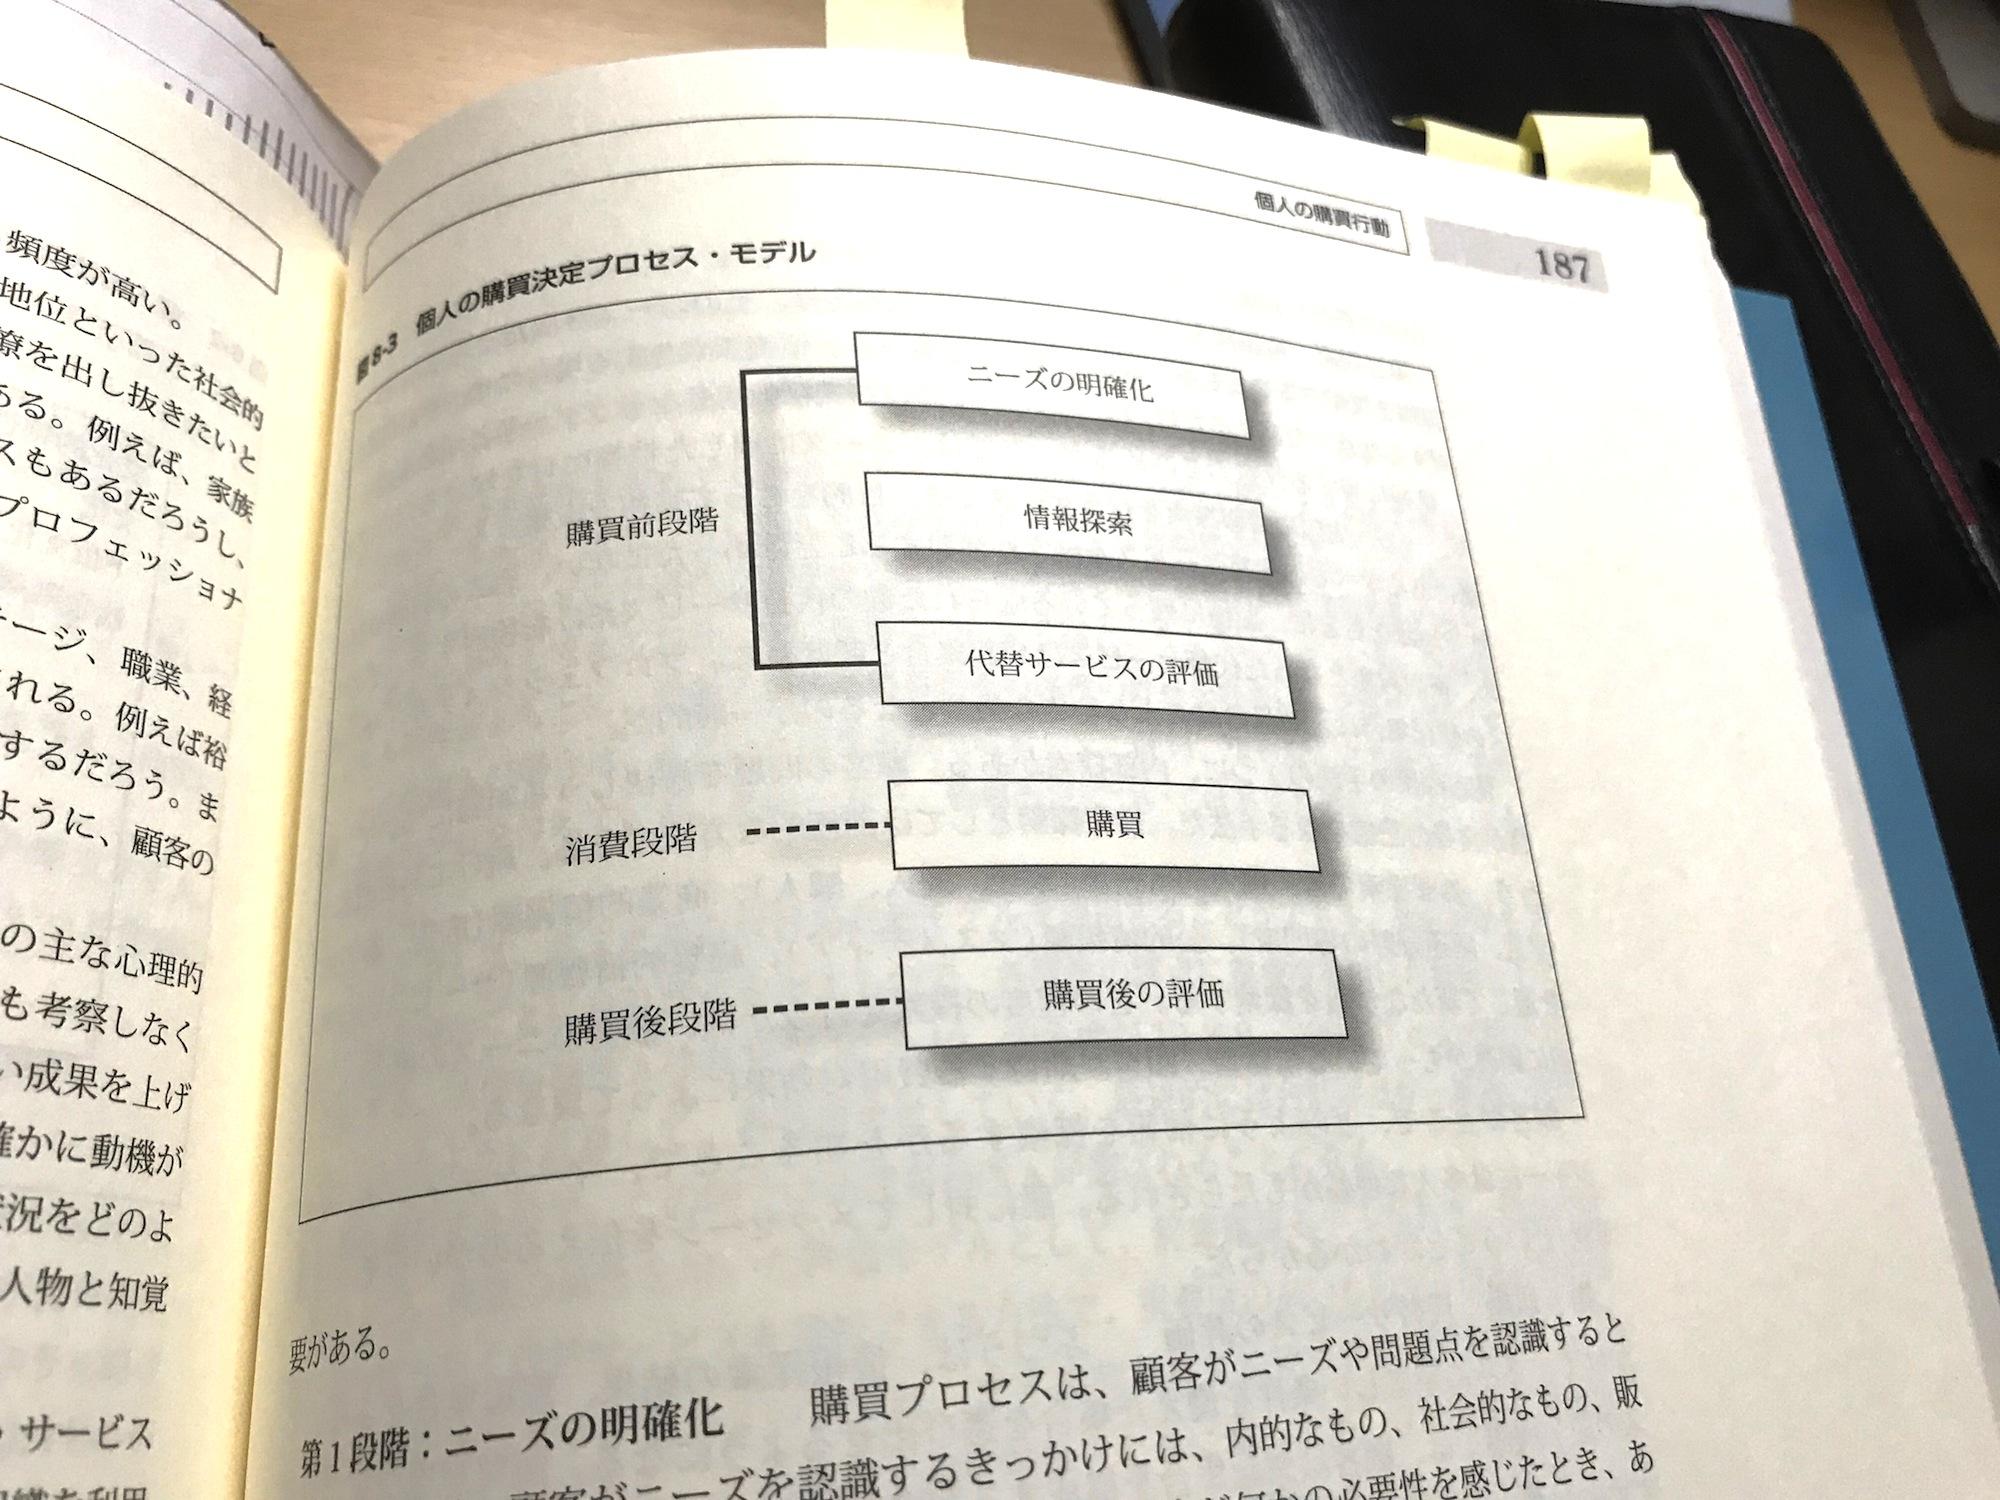 『コトラーのプロフェッショナル・サービス・マーケティング』  第8章 顧客理解